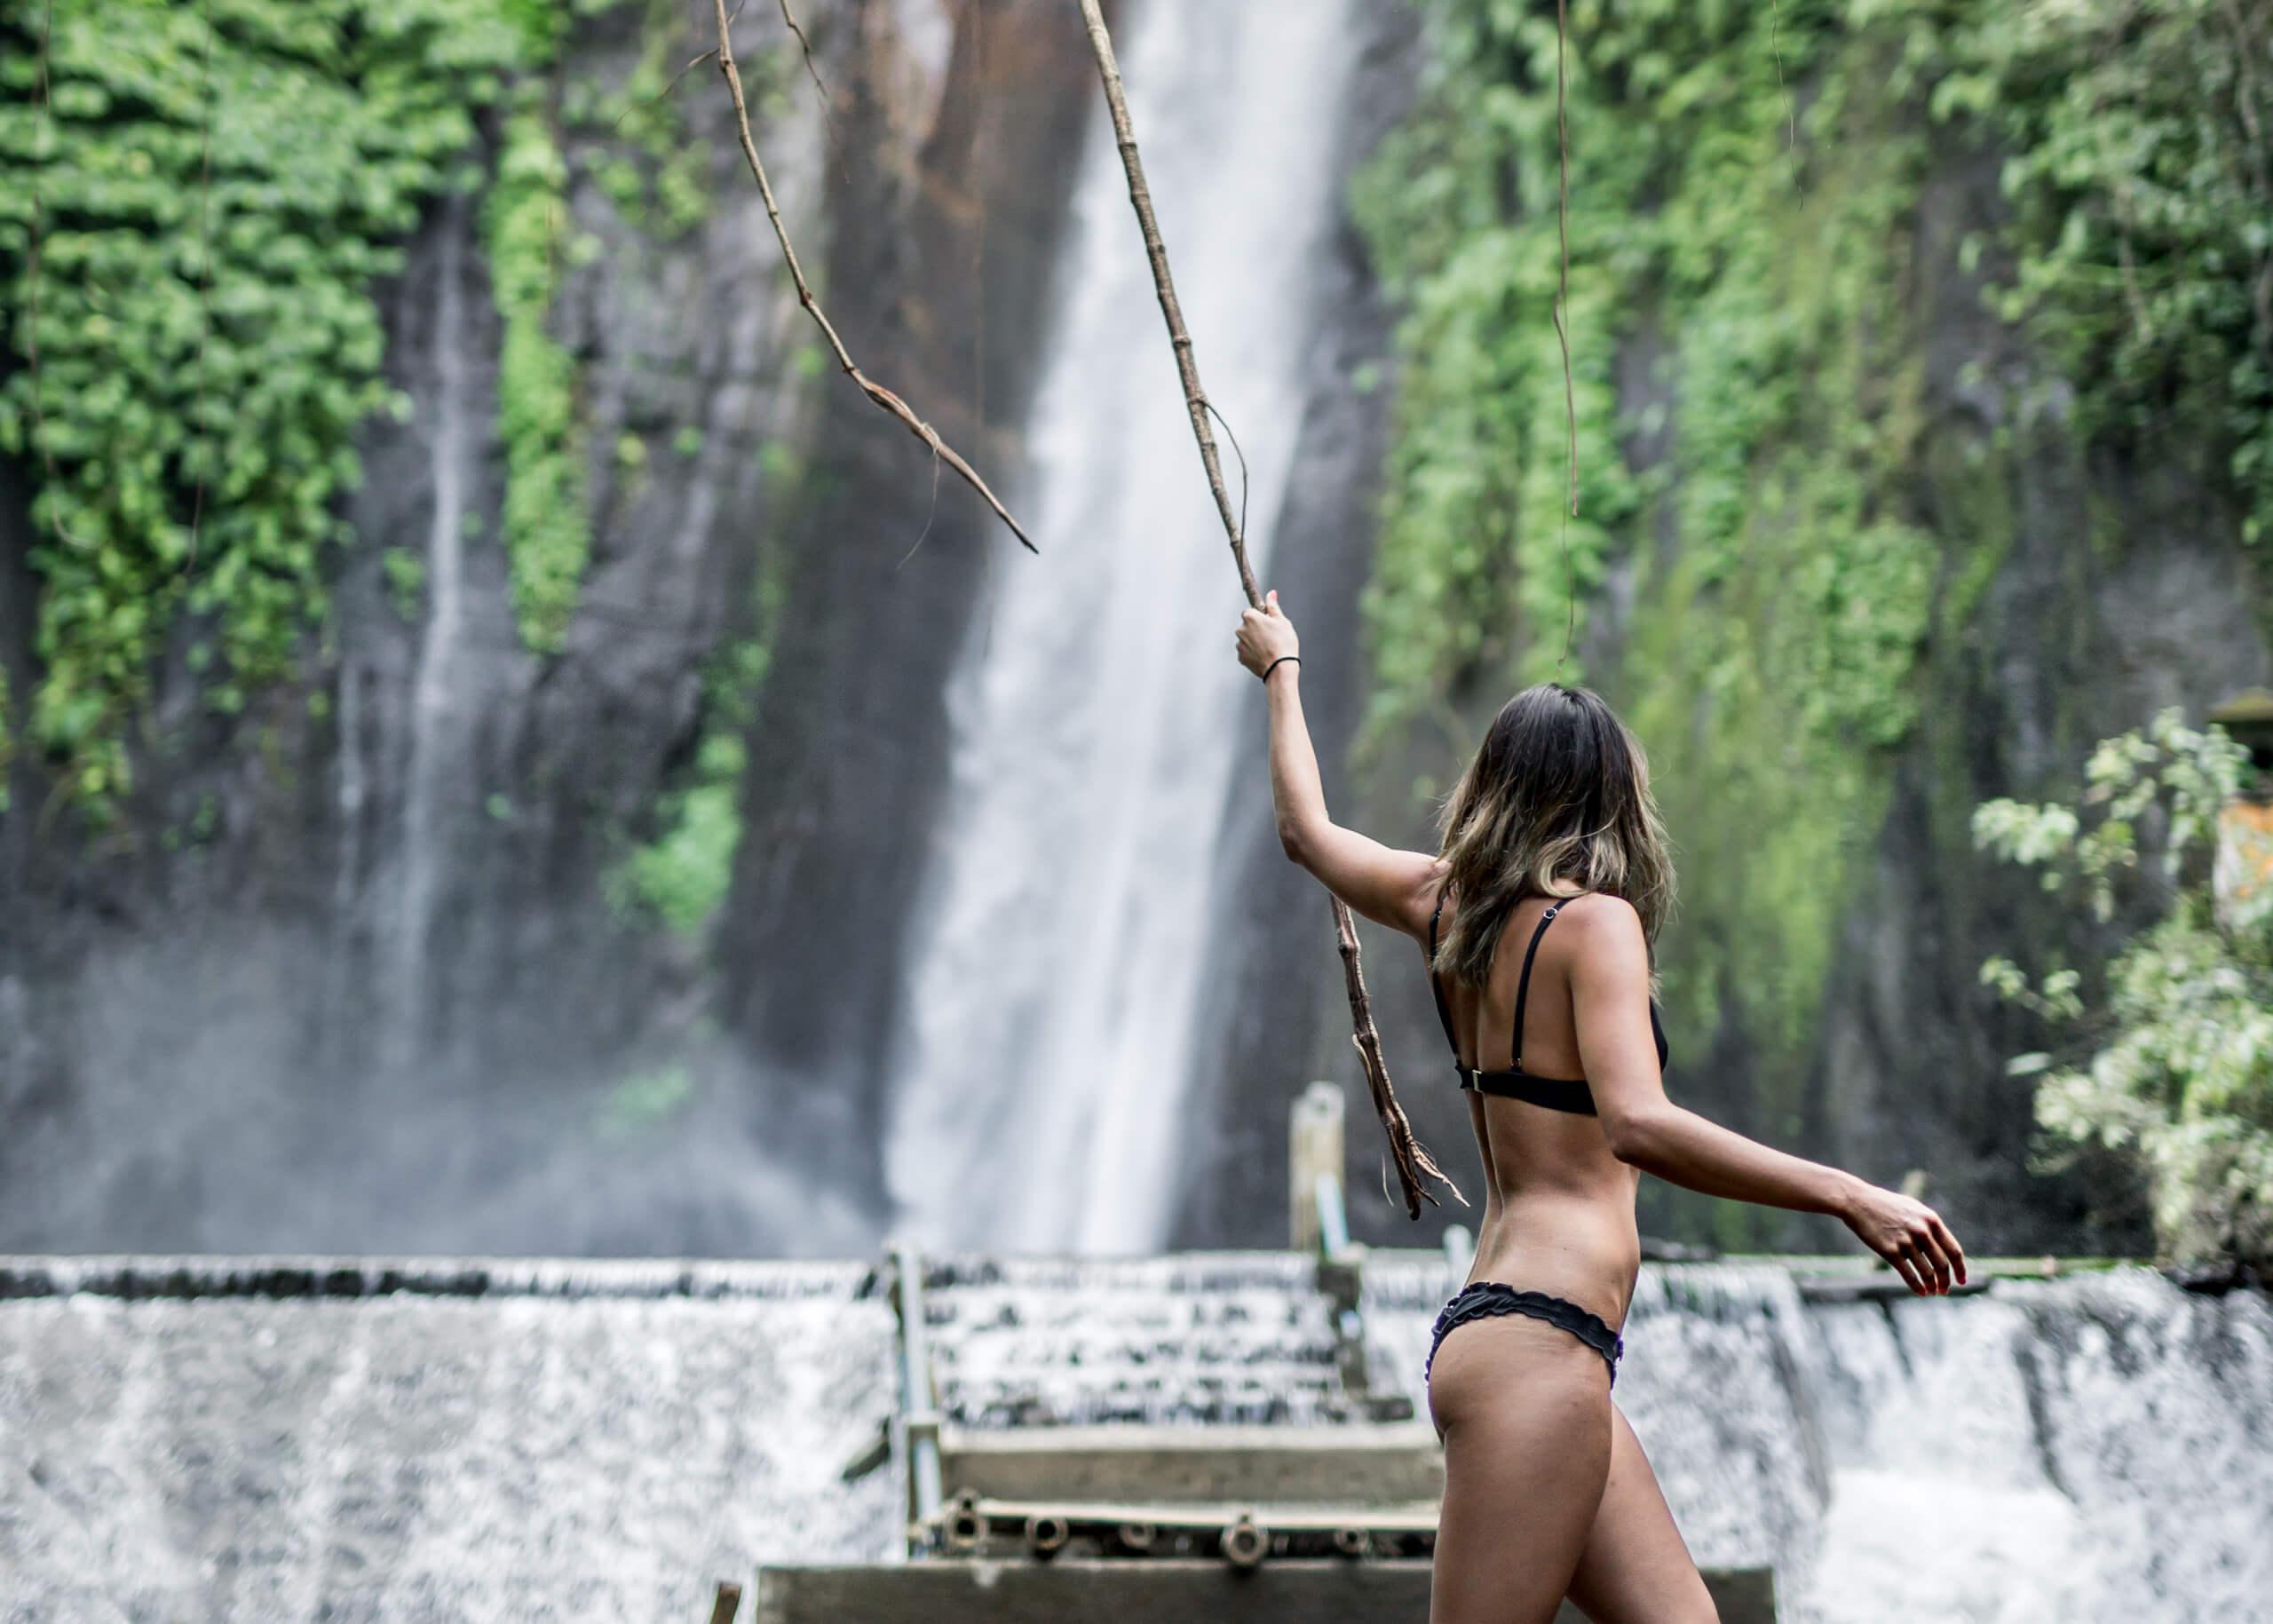 MUNDUK WATERFALL | Jane of the jungle